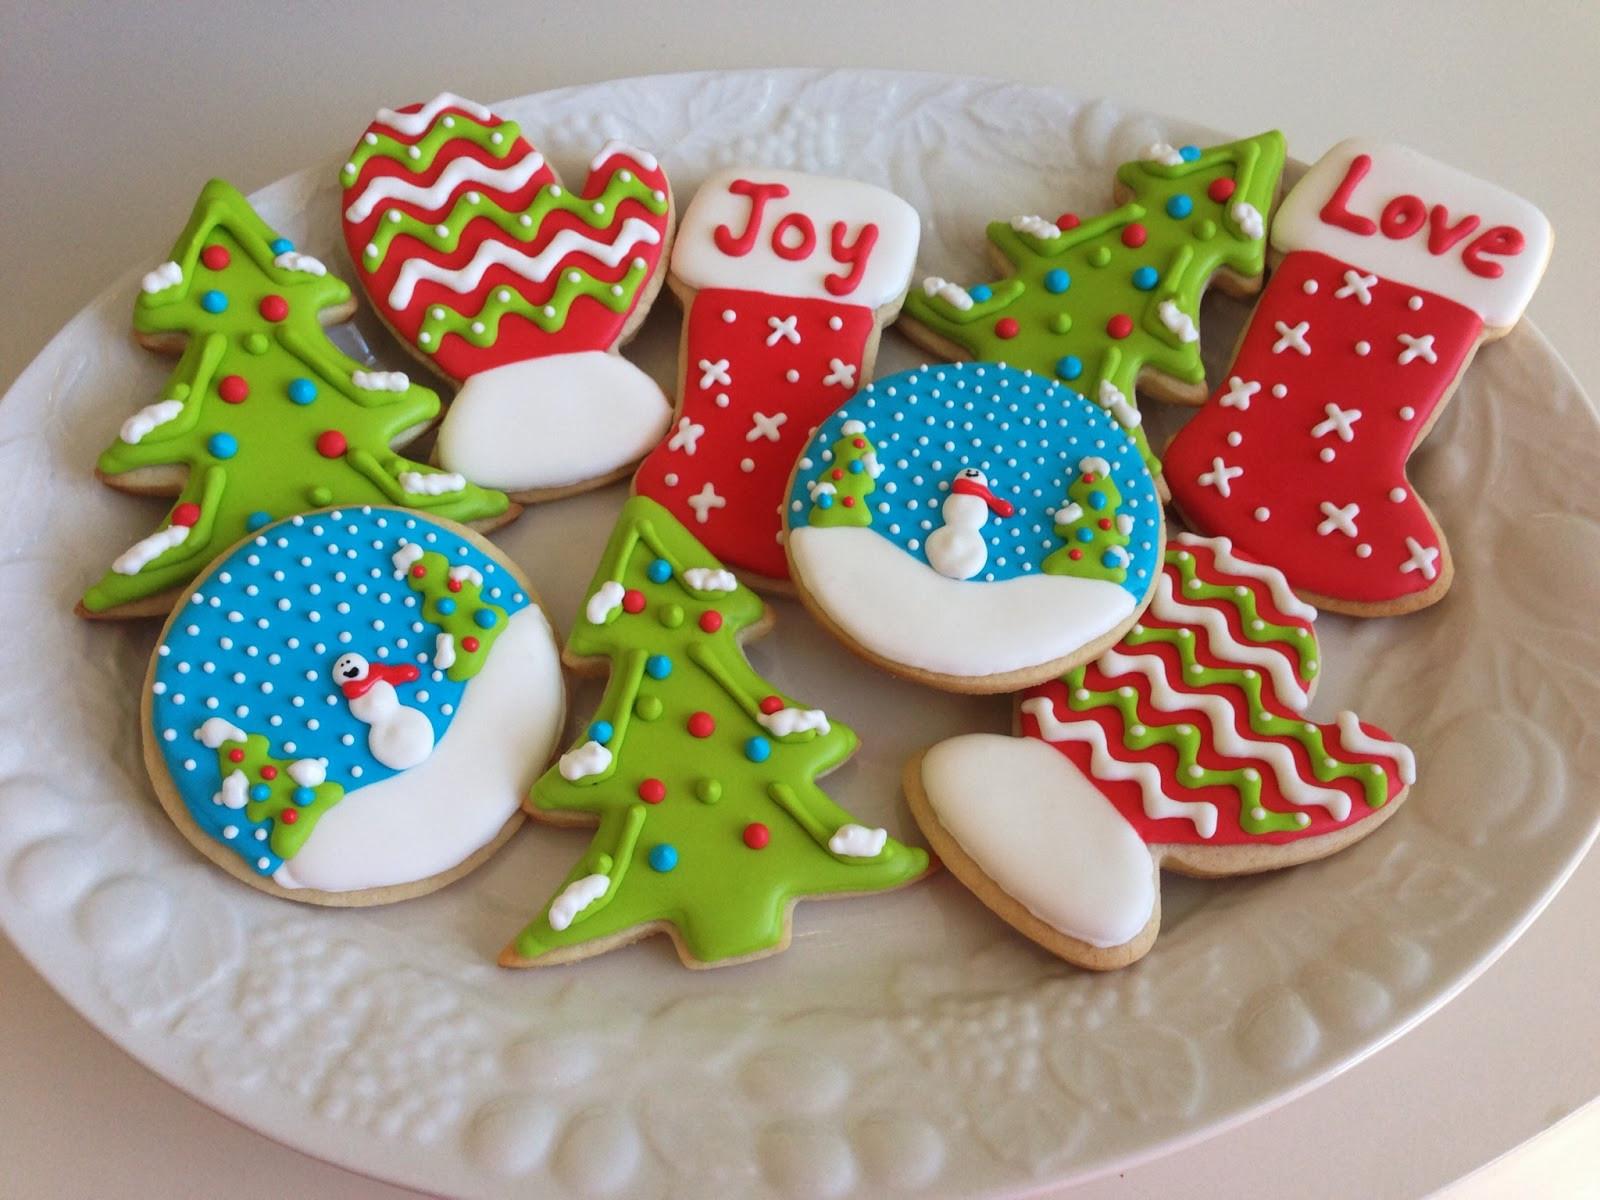 Christmas Cookies Sugar Cookies  monograms & cake Christmas Cut Out Sugar Cookies with